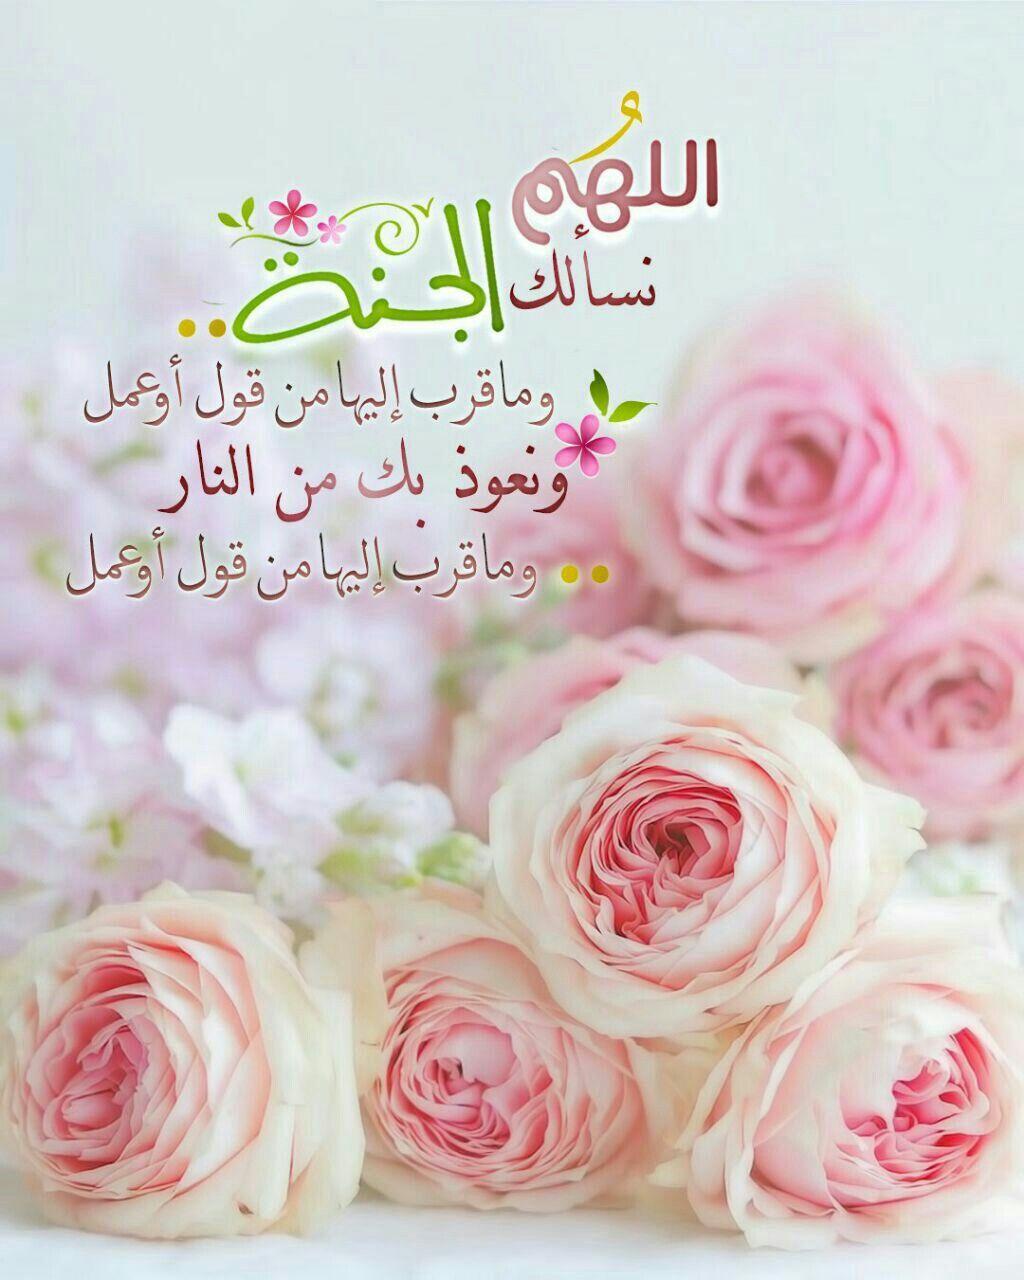 Pin by الصحبة الطيبة 🌹 on أدعية in 2020 Wedding flower